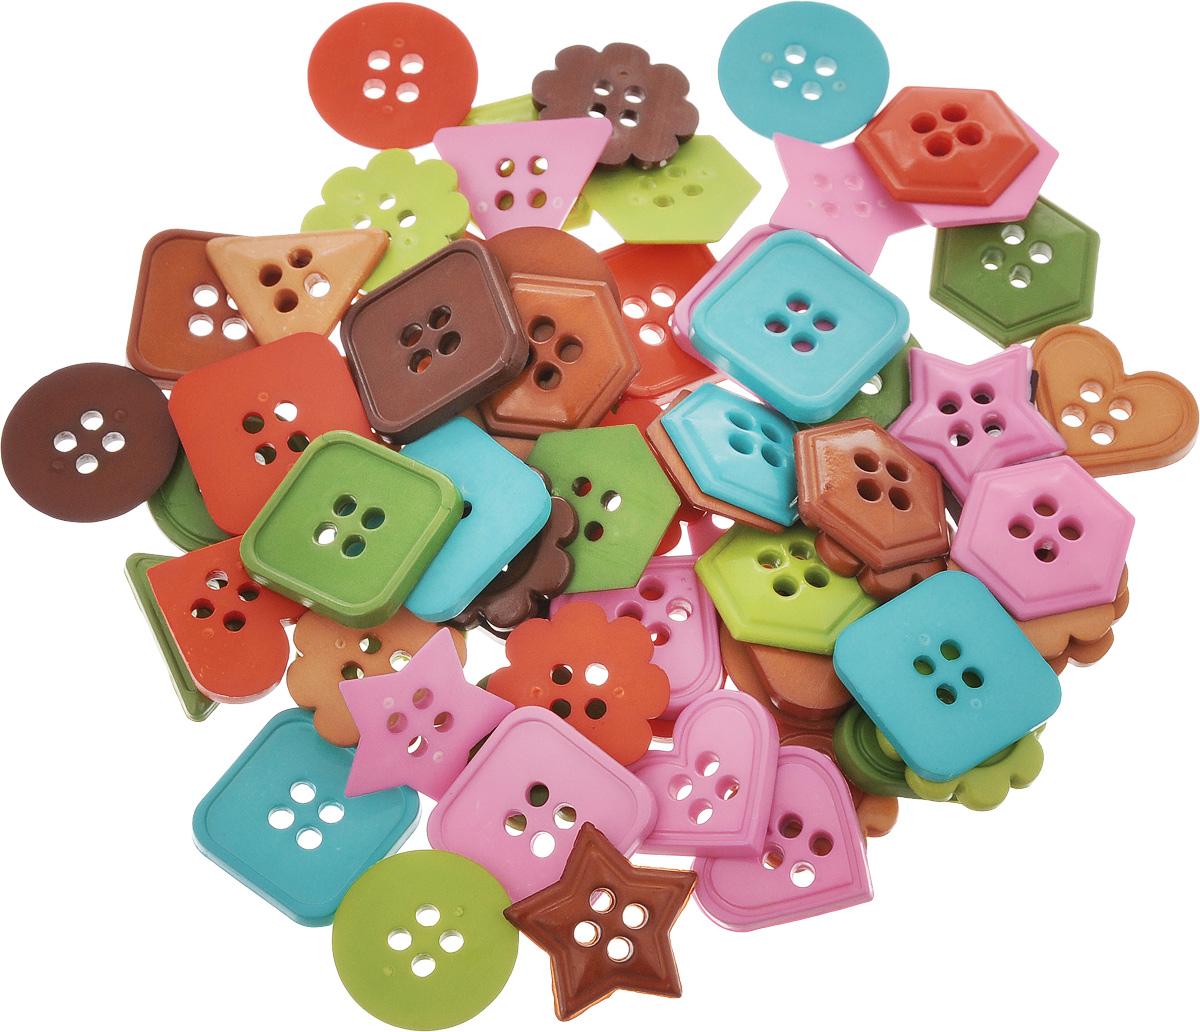 Пуговицы декоративные Magic Buttons Геометрия. Ассорти, 30 г7715034_АссортиЯркие и красочные пуговицы Magic Buttons Геометрия. Ассорти, выполненные из пластика, станут прекрасным дополнением к любому образу. Яркие пуговицы восхищают разнообразием стилей и цветов. Они отлично подойдут для декора одежды, кроме того, их можно использовать в скрапбуинге, создавать с их помощью интересные открытки и подарки. Диаметр круглых пуговиц: 1,7 см.